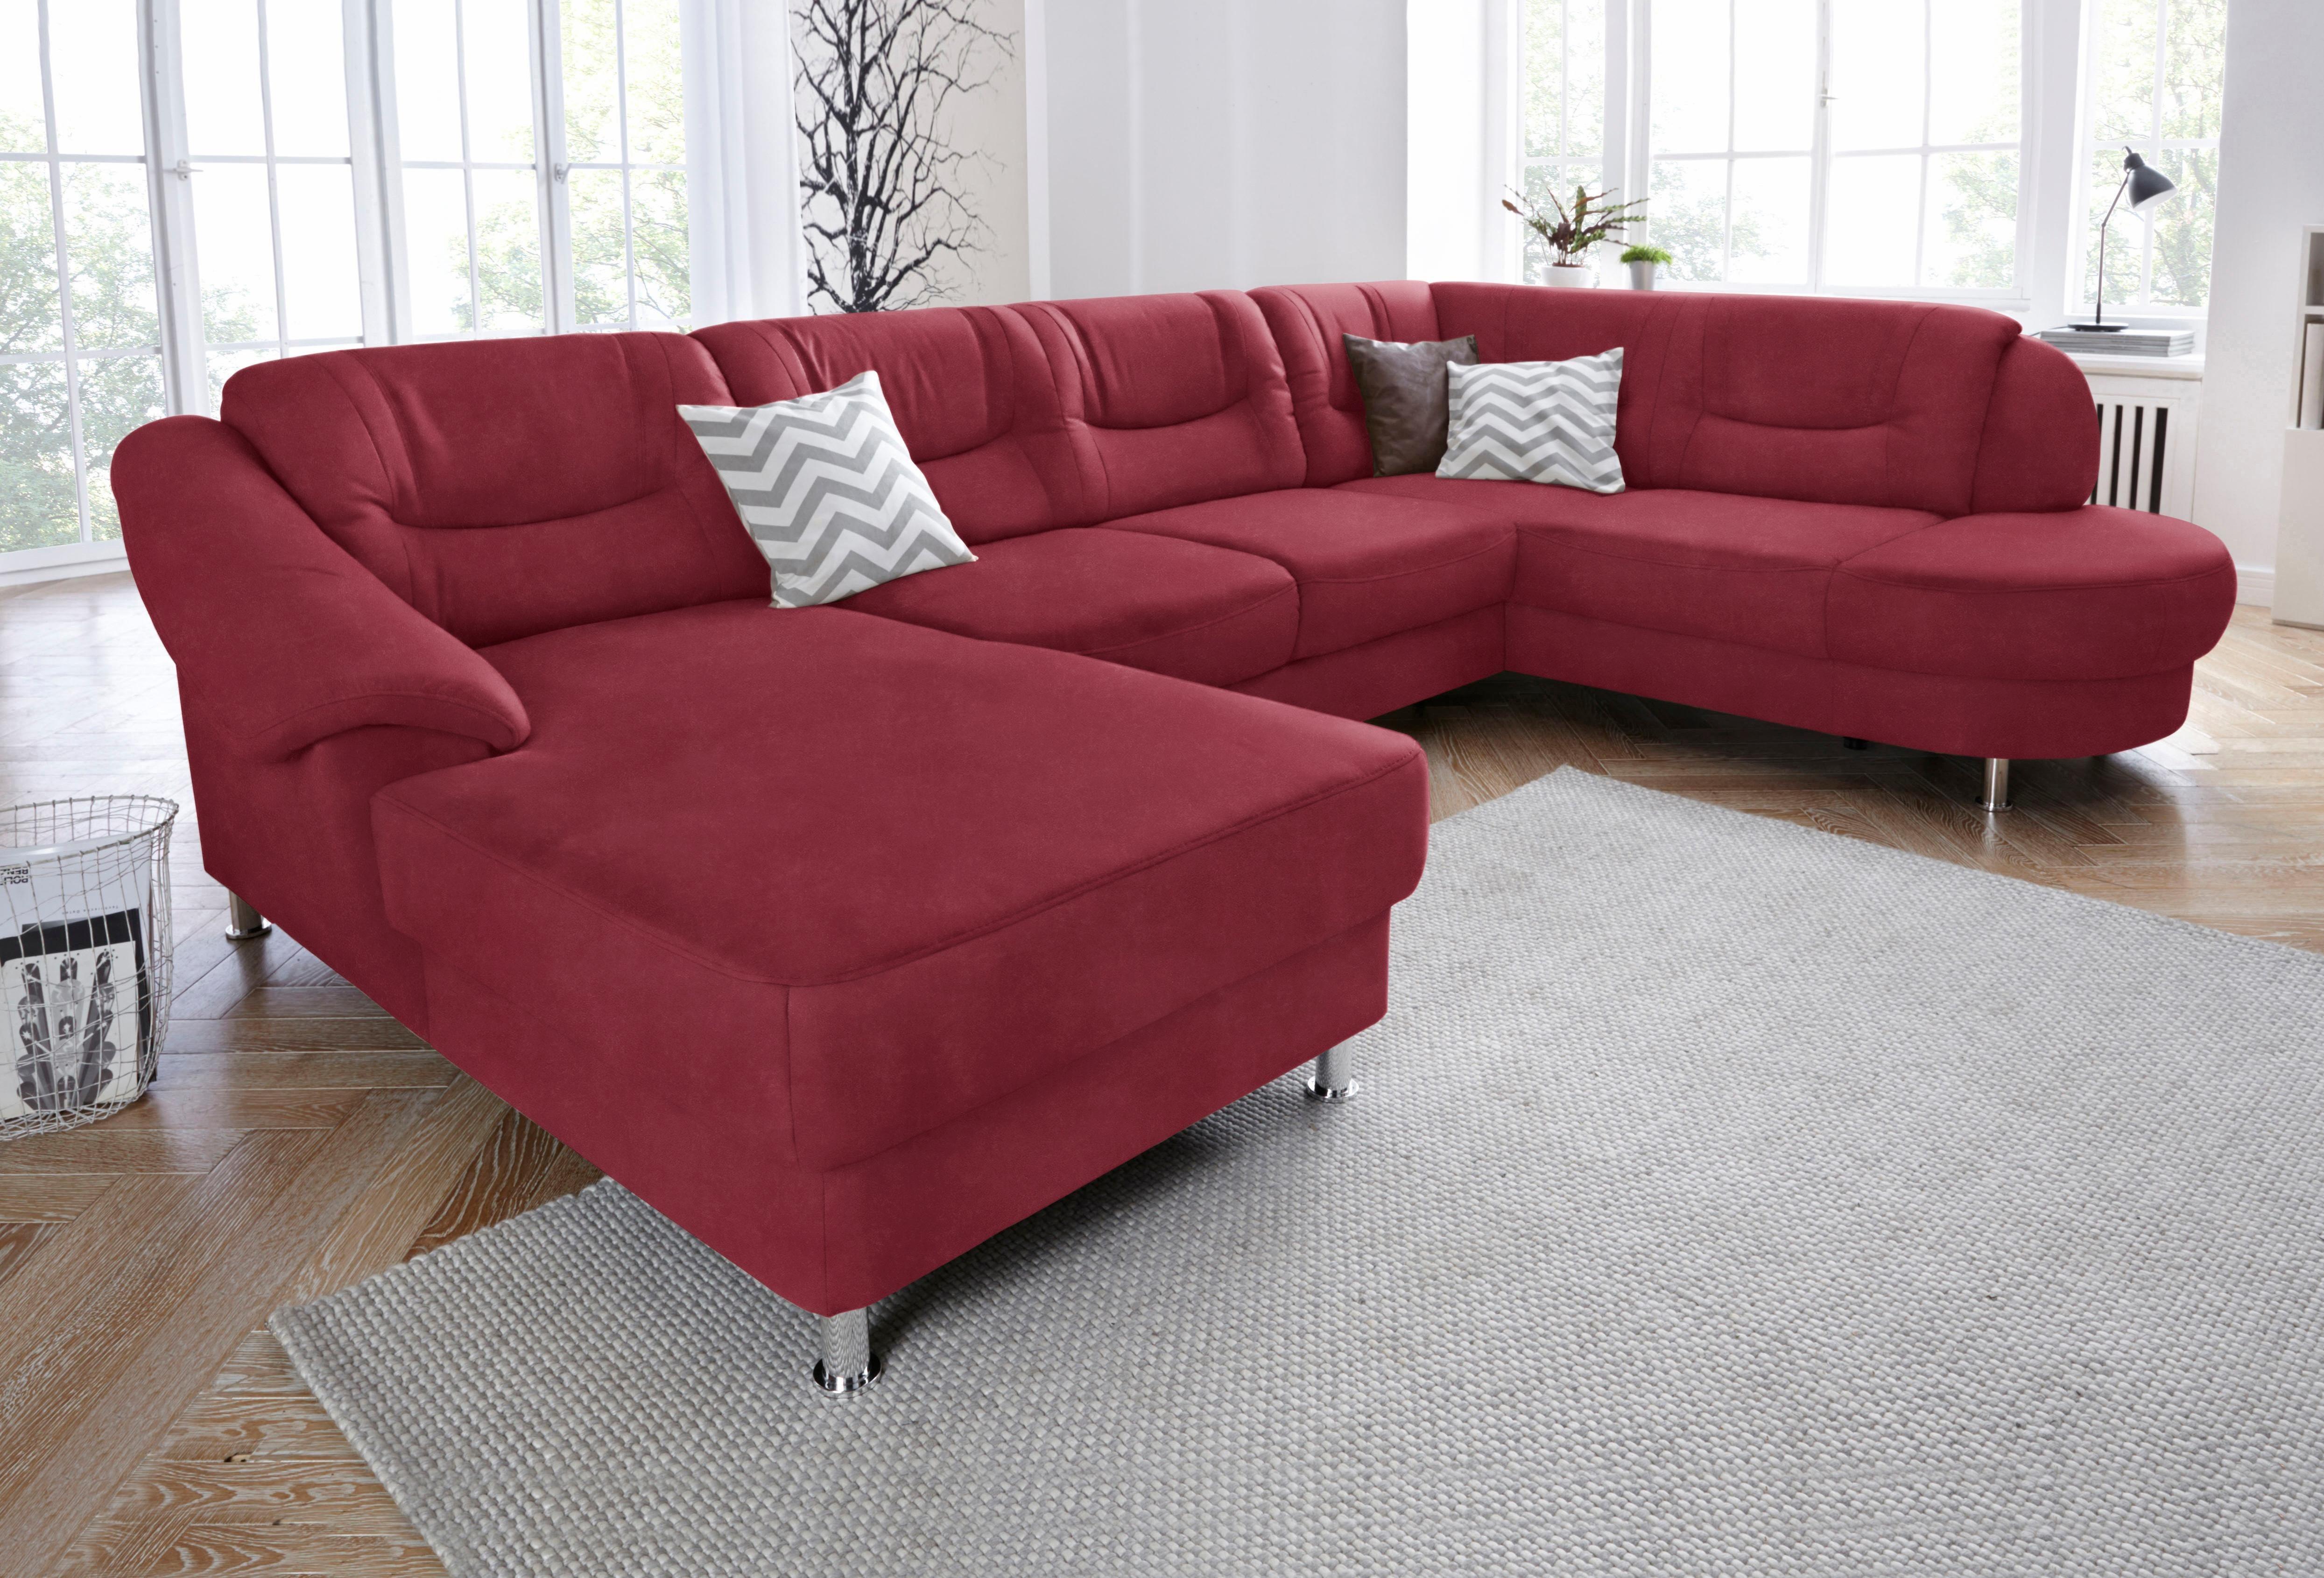 sit more wohnlandschaft mit federkern wahlweise mit bettfunktion rot online kaufen bei woonio. Black Bedroom Furniture Sets. Home Design Ideas